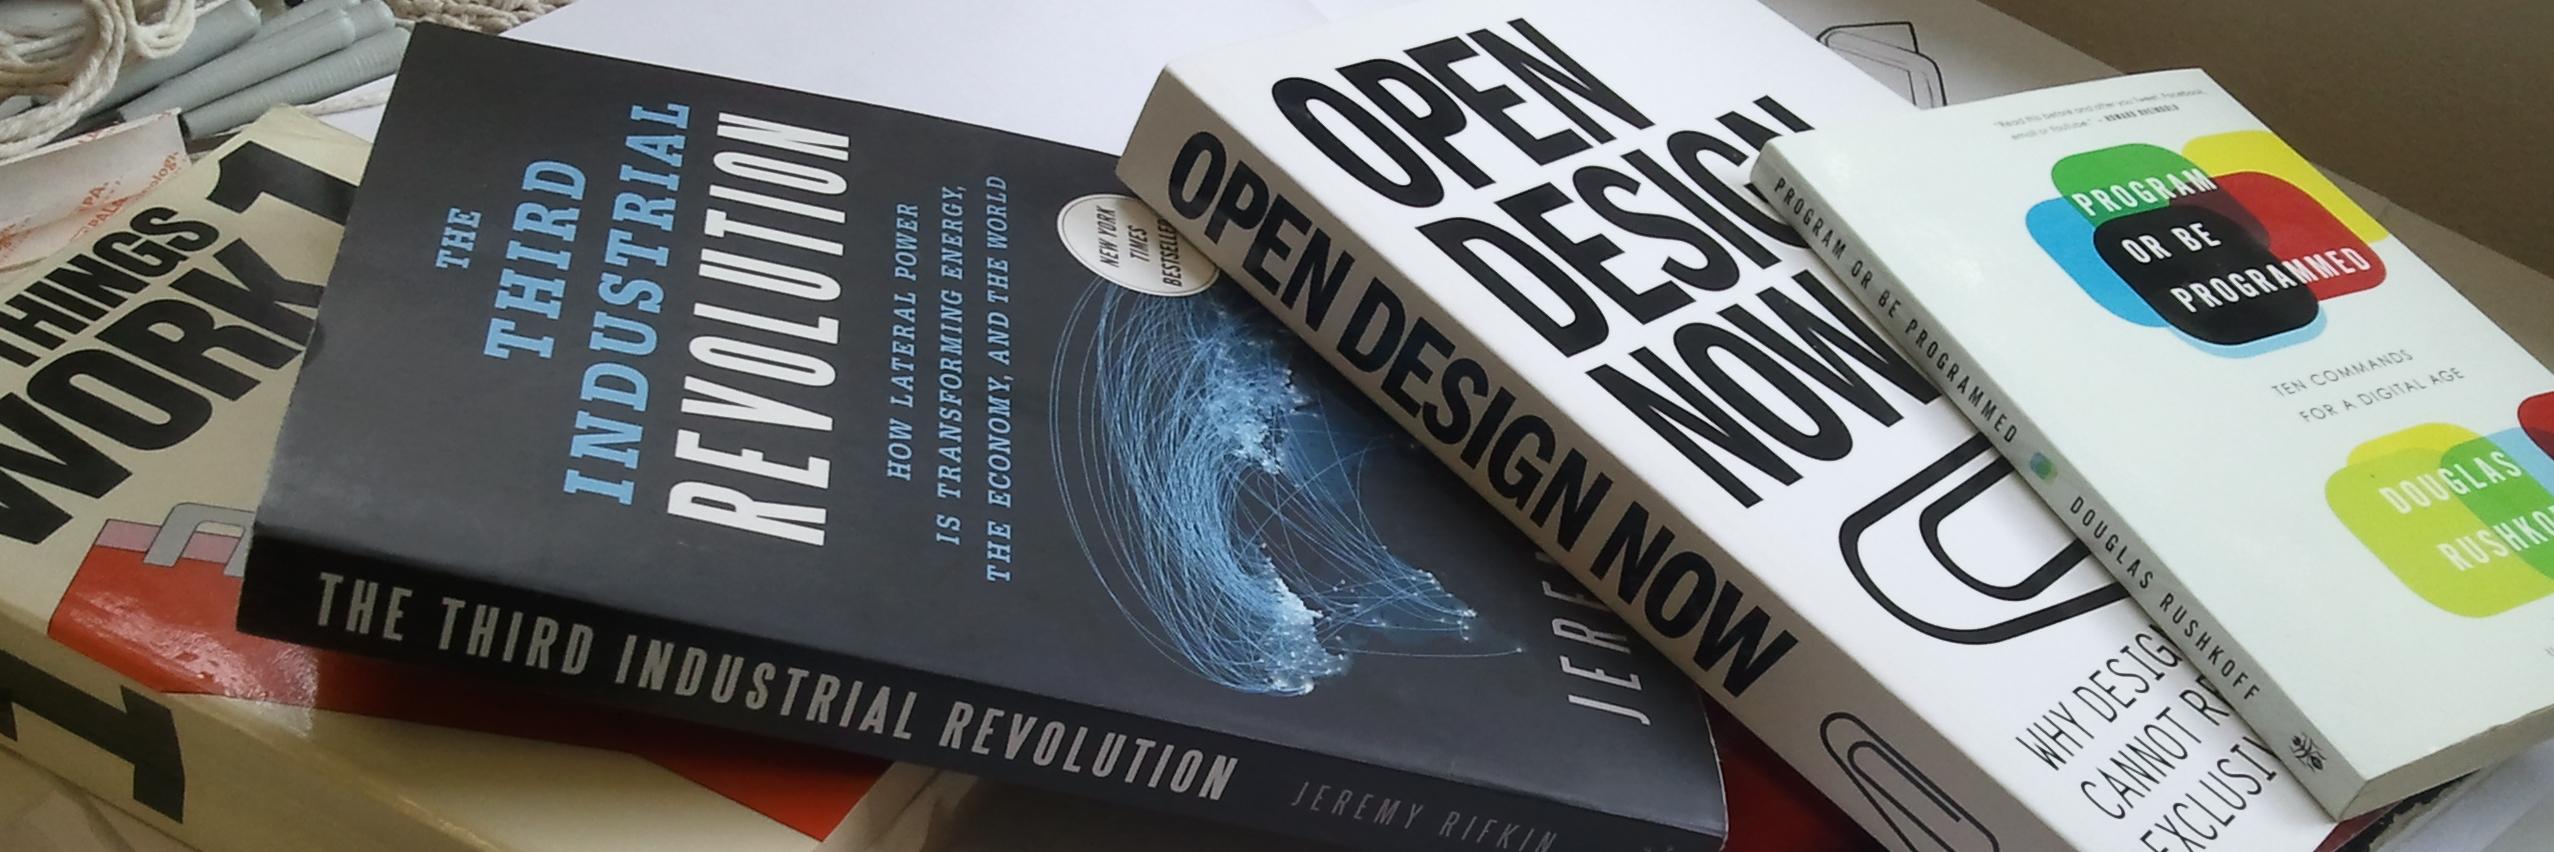 Open Source Books